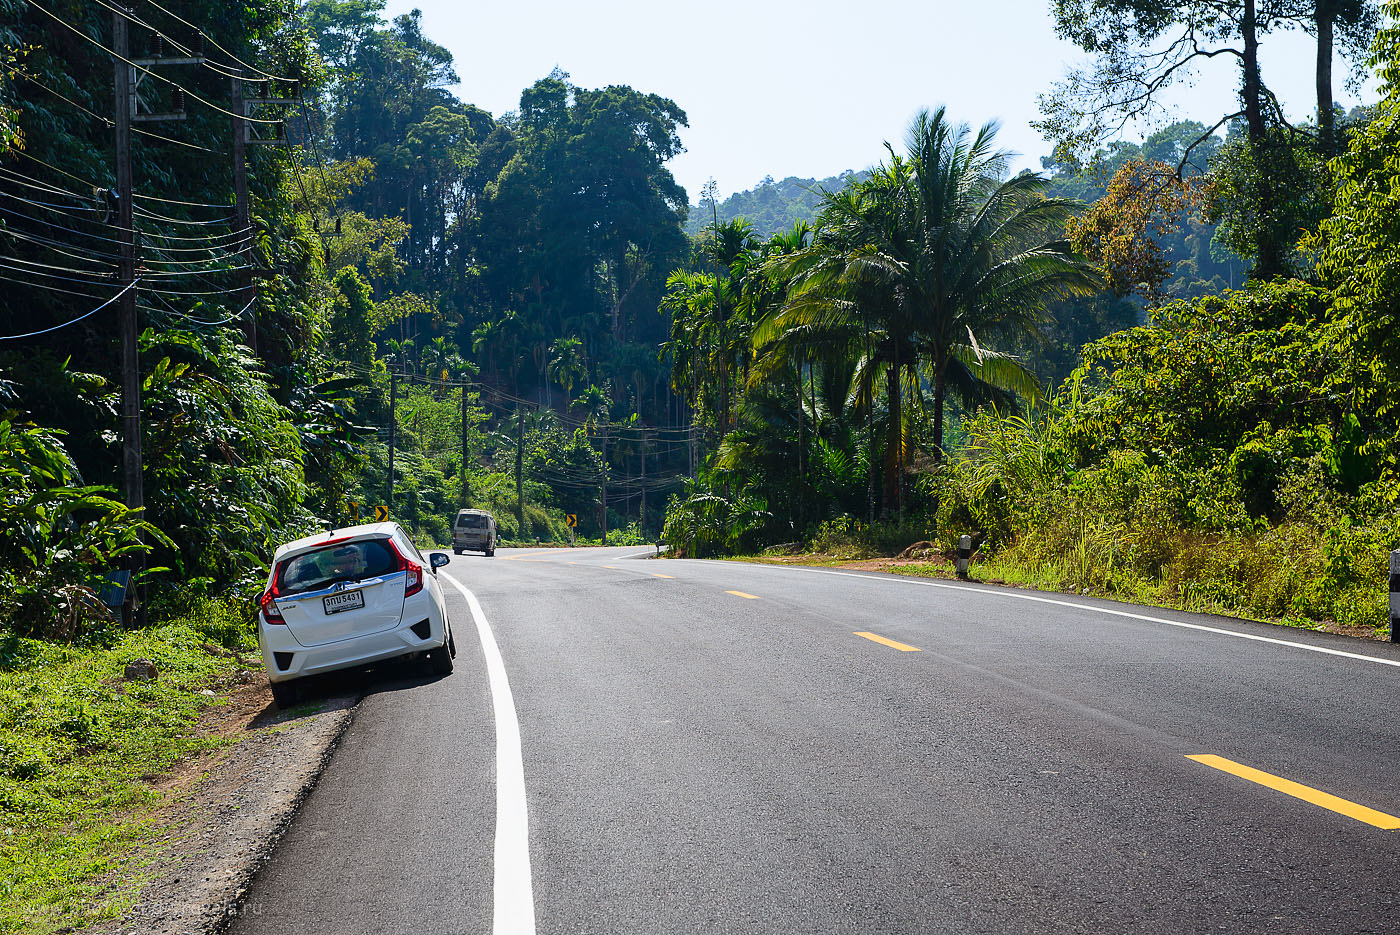 Фотография 9. Где-то в горах по пути в Ранонг. Отзыв о путешествии по Таиланду дикарем (125, 60, 9.0, 1/125)